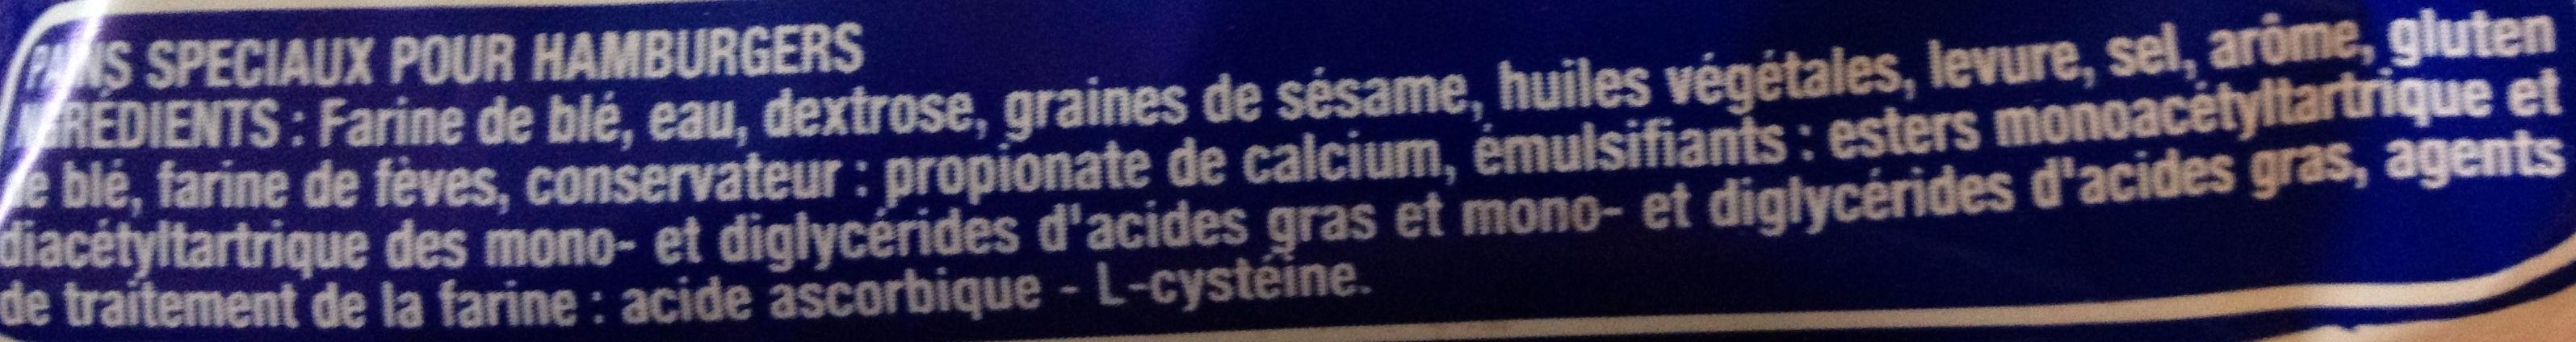 Le Burger Classique - Ingrédients